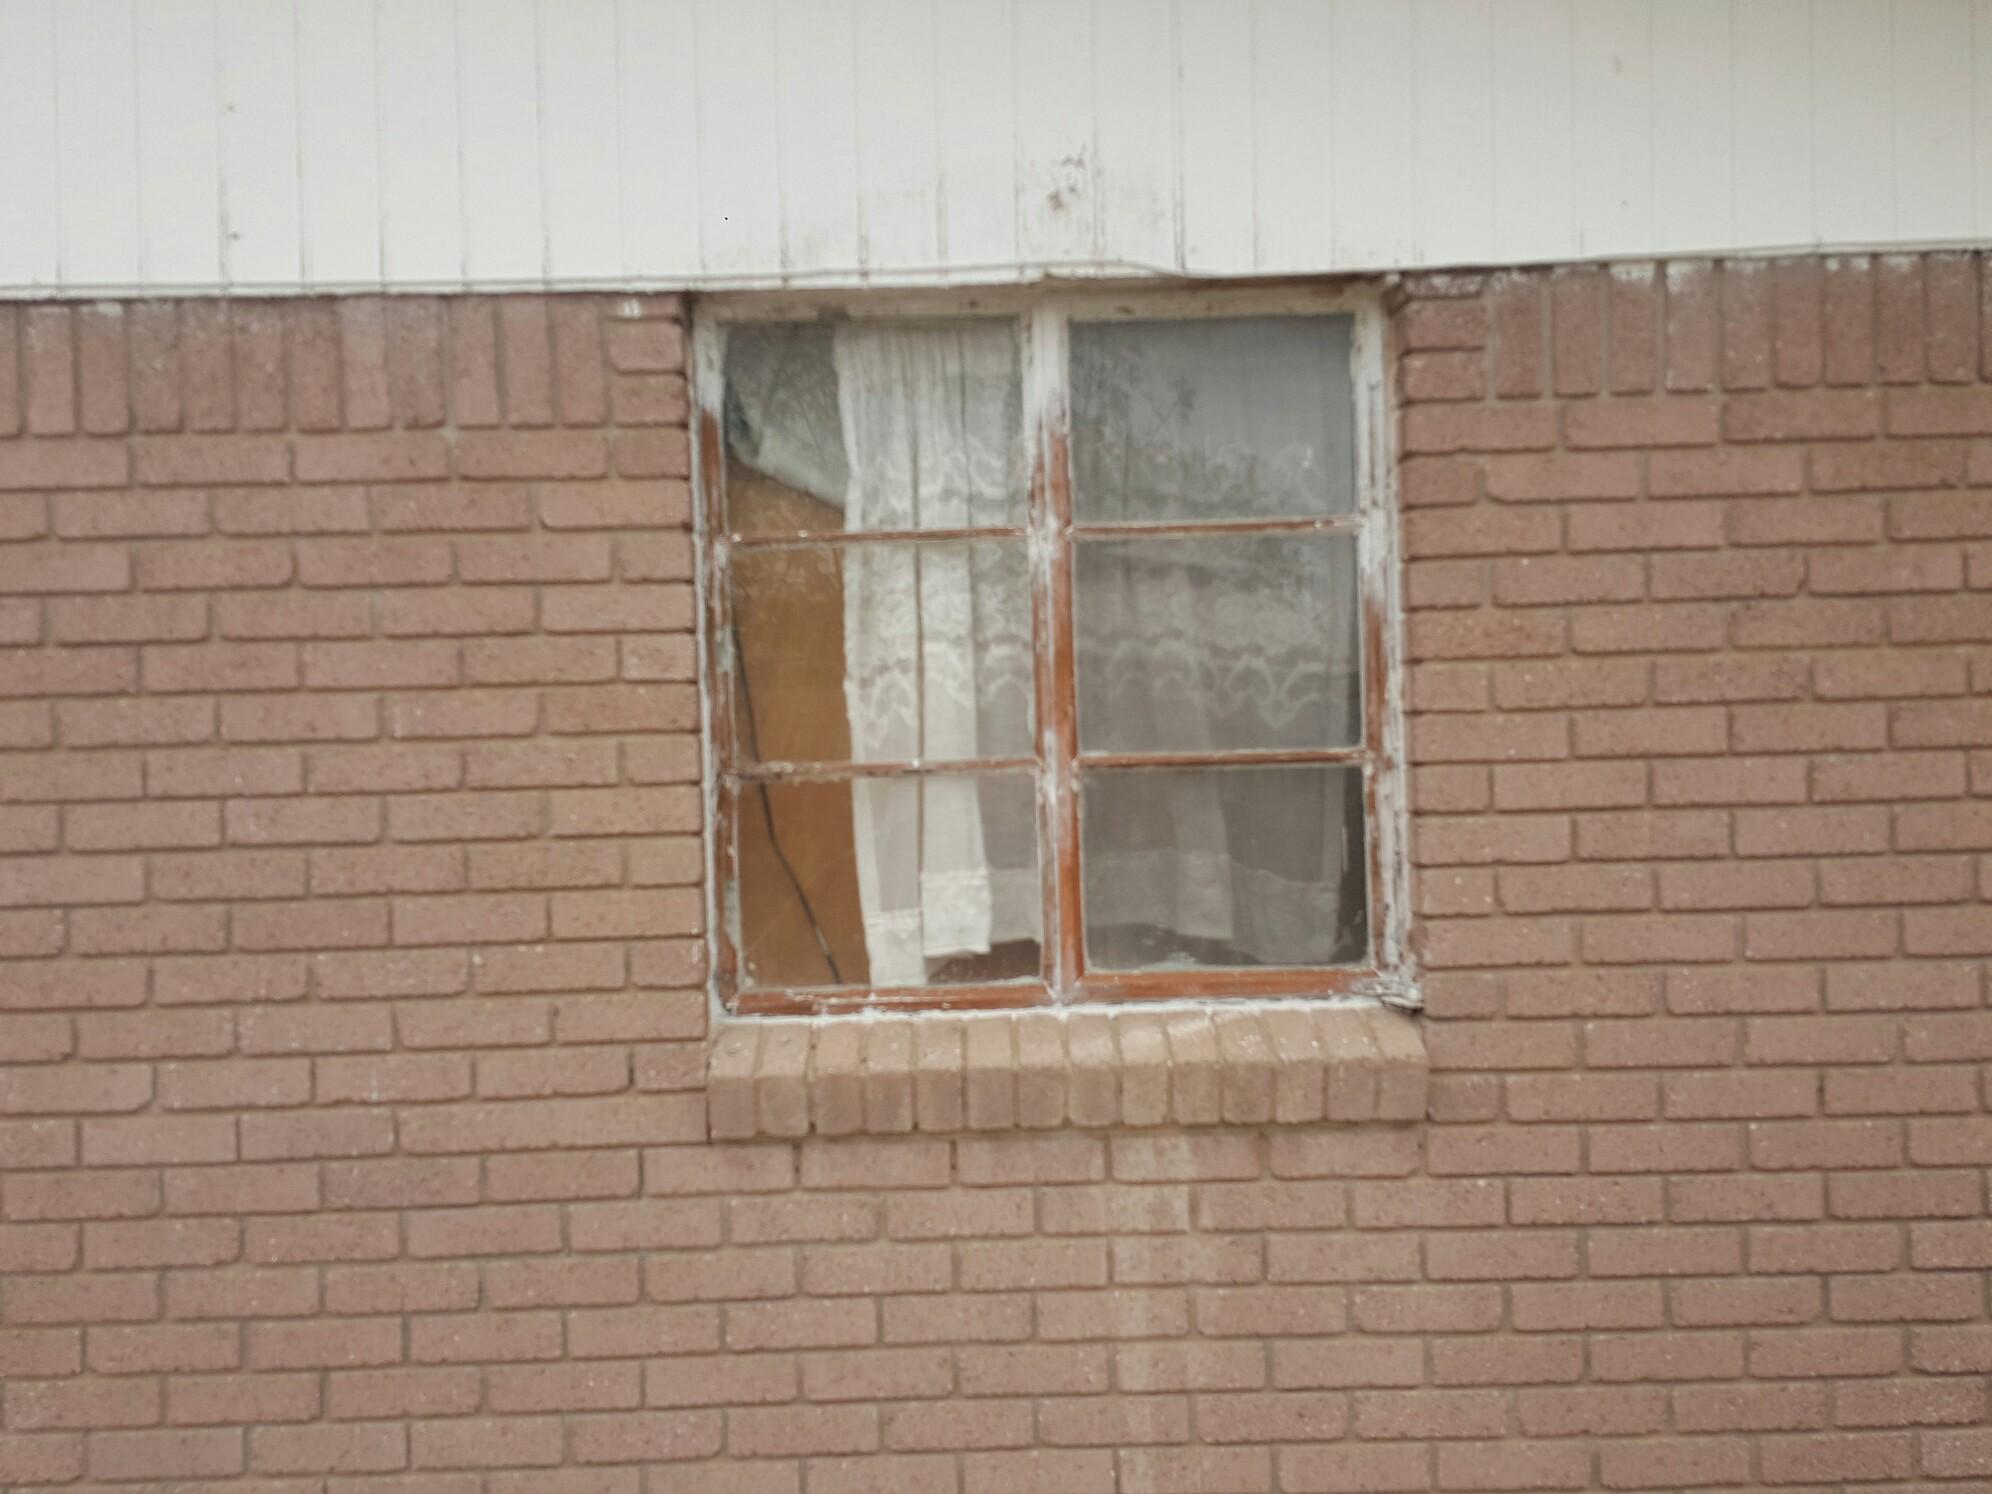 Premier Windows And Doors Elp, El Paso Texas (tx. Jackson Storm Window And Door. Installing Sliding Doors. Front Door Camera Monitor. Campbell Garage Door. Workbenches For Garage. Laser Garage Parking Assist. Barn Doors Miami. Diy Overhead Storage Racks For Garage